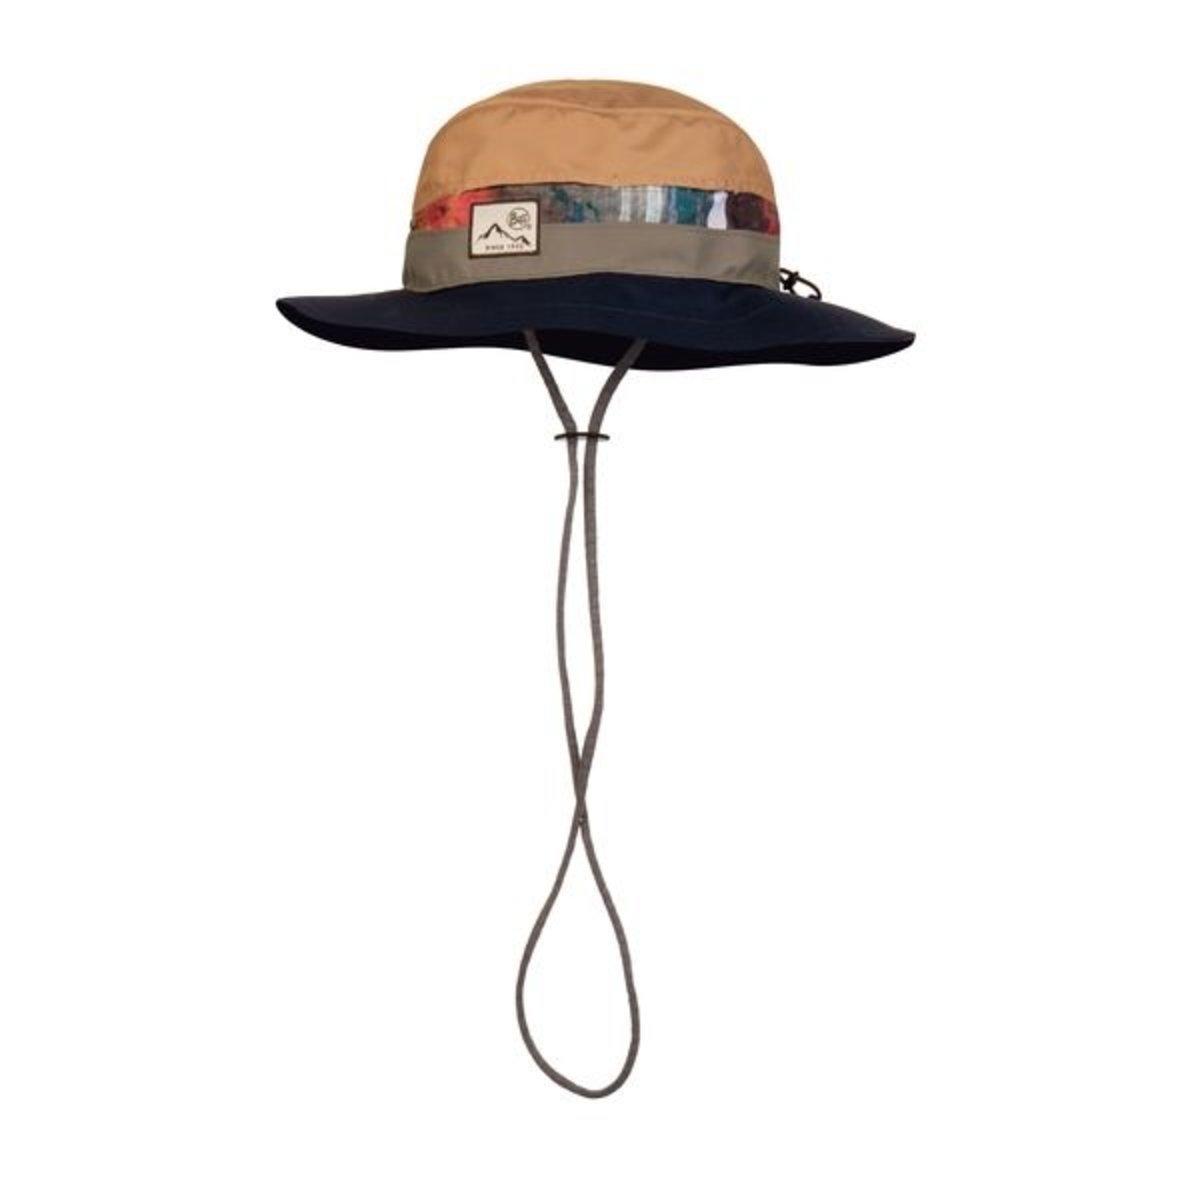 漁夫帽 (HARQ)